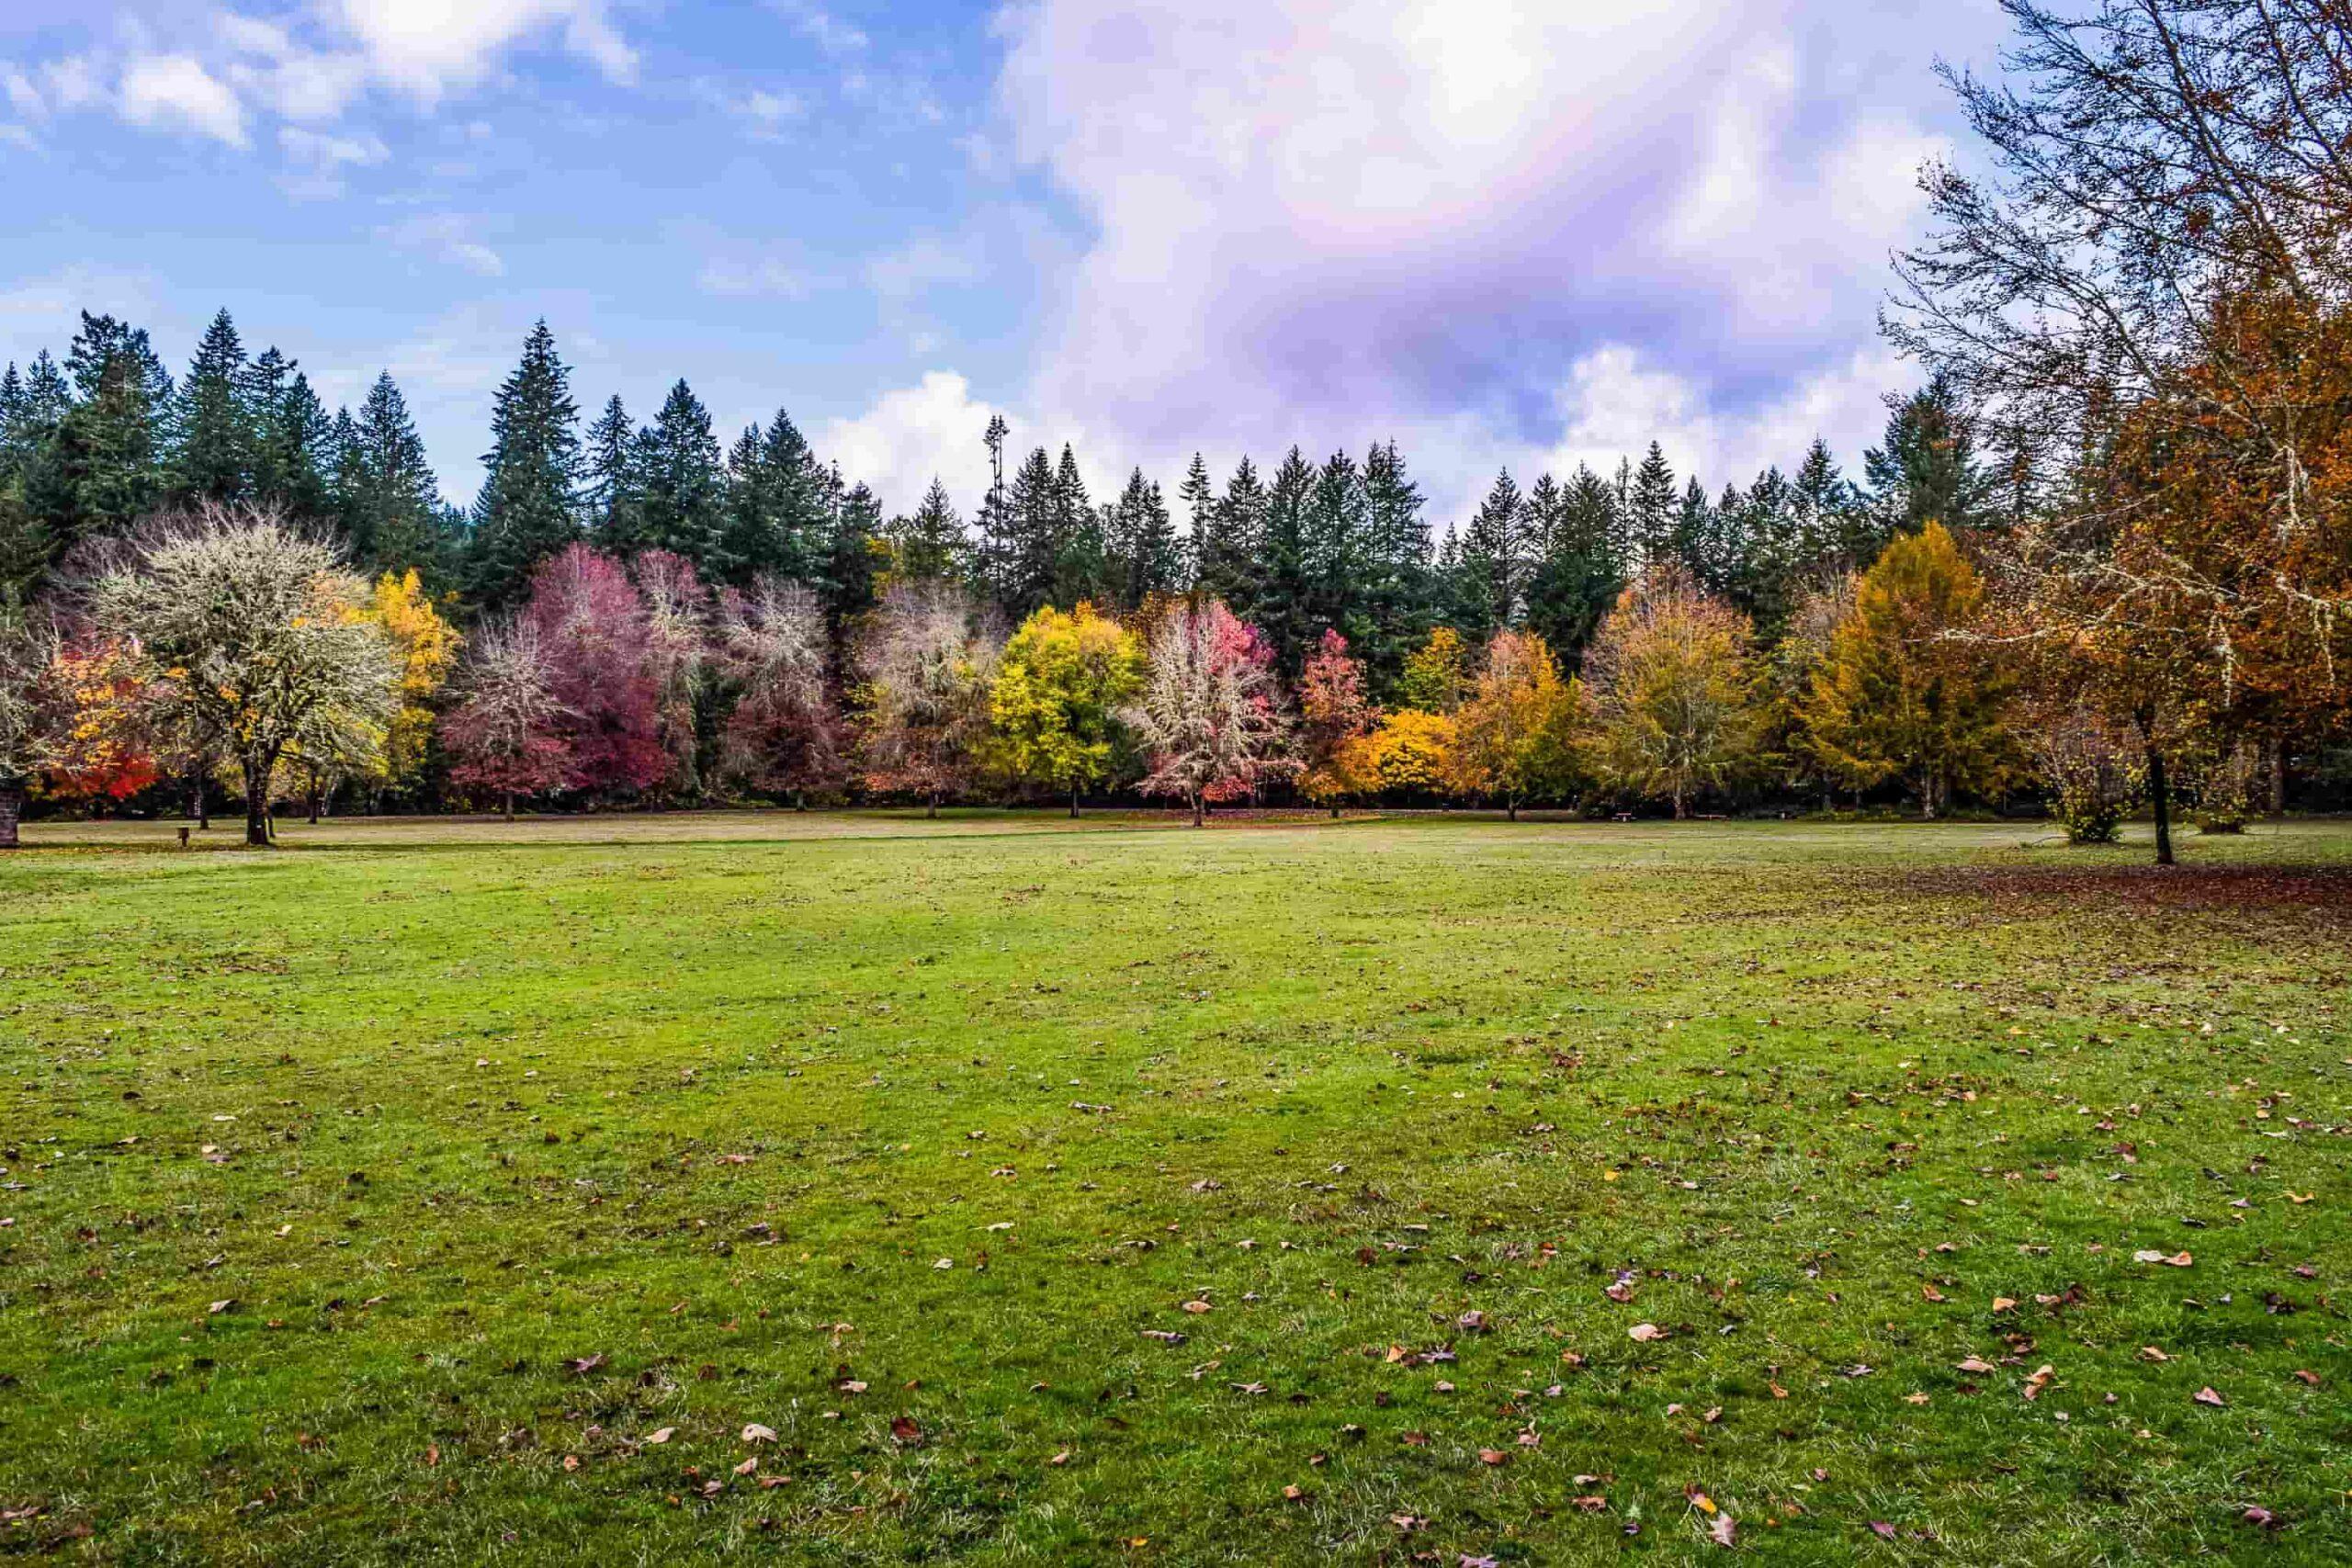 Rasenpflege im Herbst von Vertikutieren bis Mähen